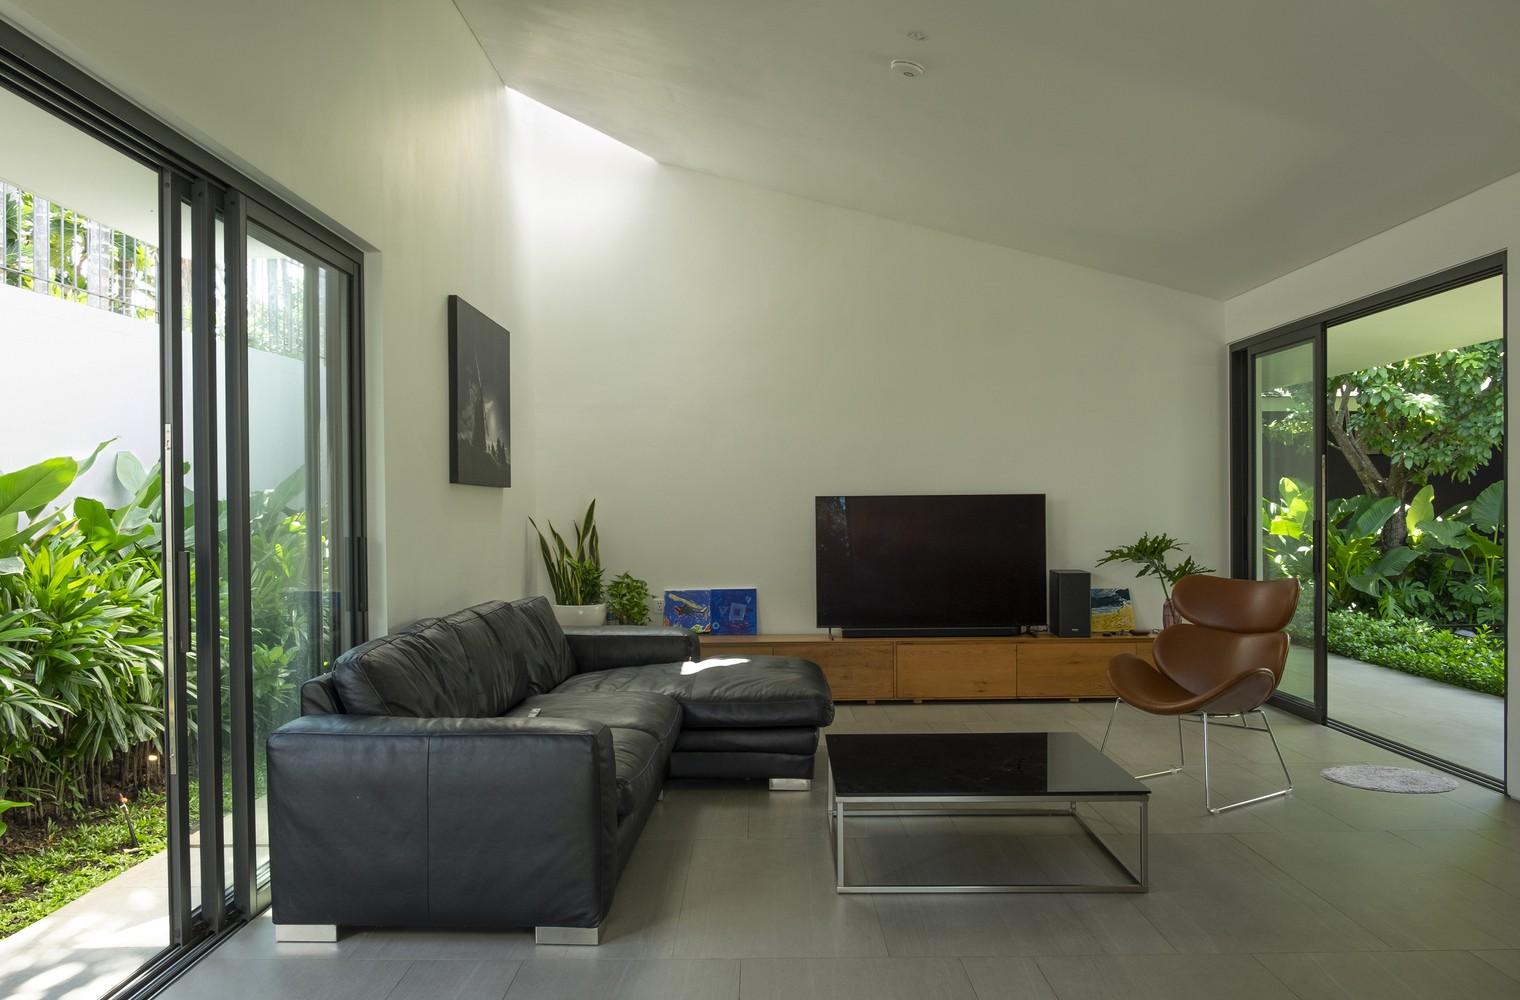 Phòng riêng nằm trong các khối hộp và được tách rời nhau, tạo ra các khoảng trống và đối lưu gió đến từng ngóc ngách của căn nhà